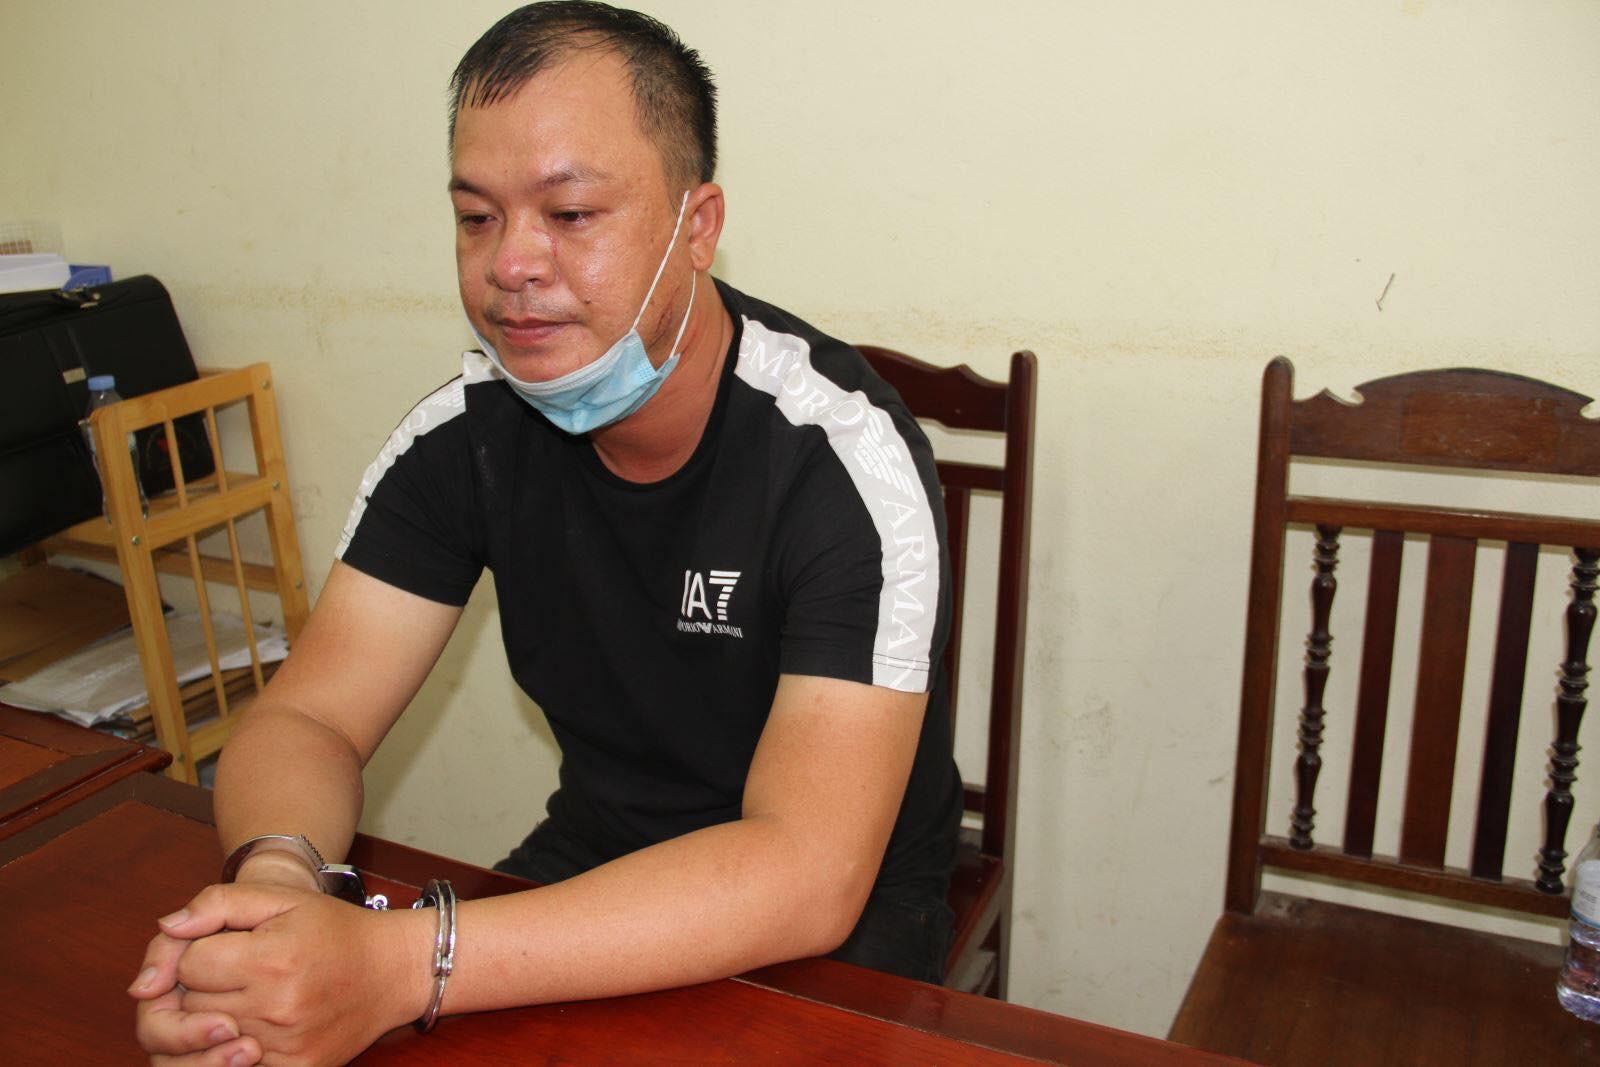 Vụ nữ chủ shop quần áo bị sát hại ở Hưng Yên: Nghi phạm còn đâm 1 cô gái bị thương - Ảnh 1.